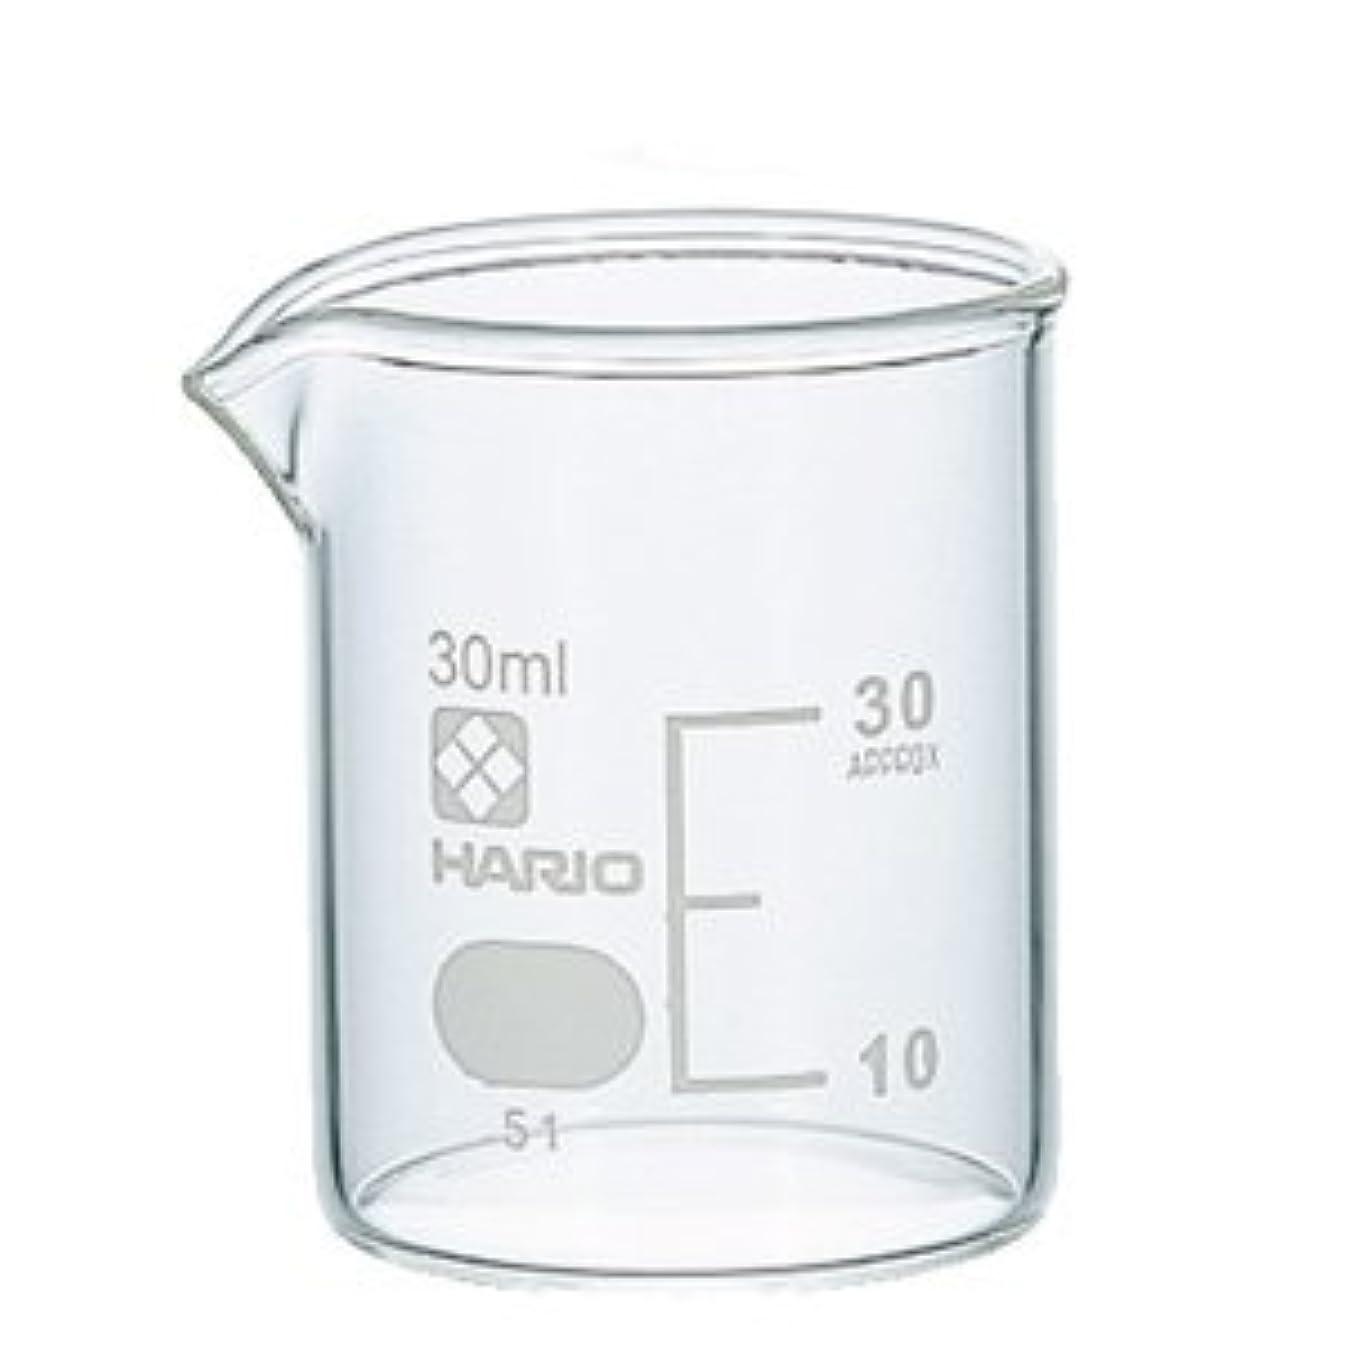 リア王直感トリクルガラスビーカー 30ml 【手作り石鹸/手作りコスメ/手作り化粧品】